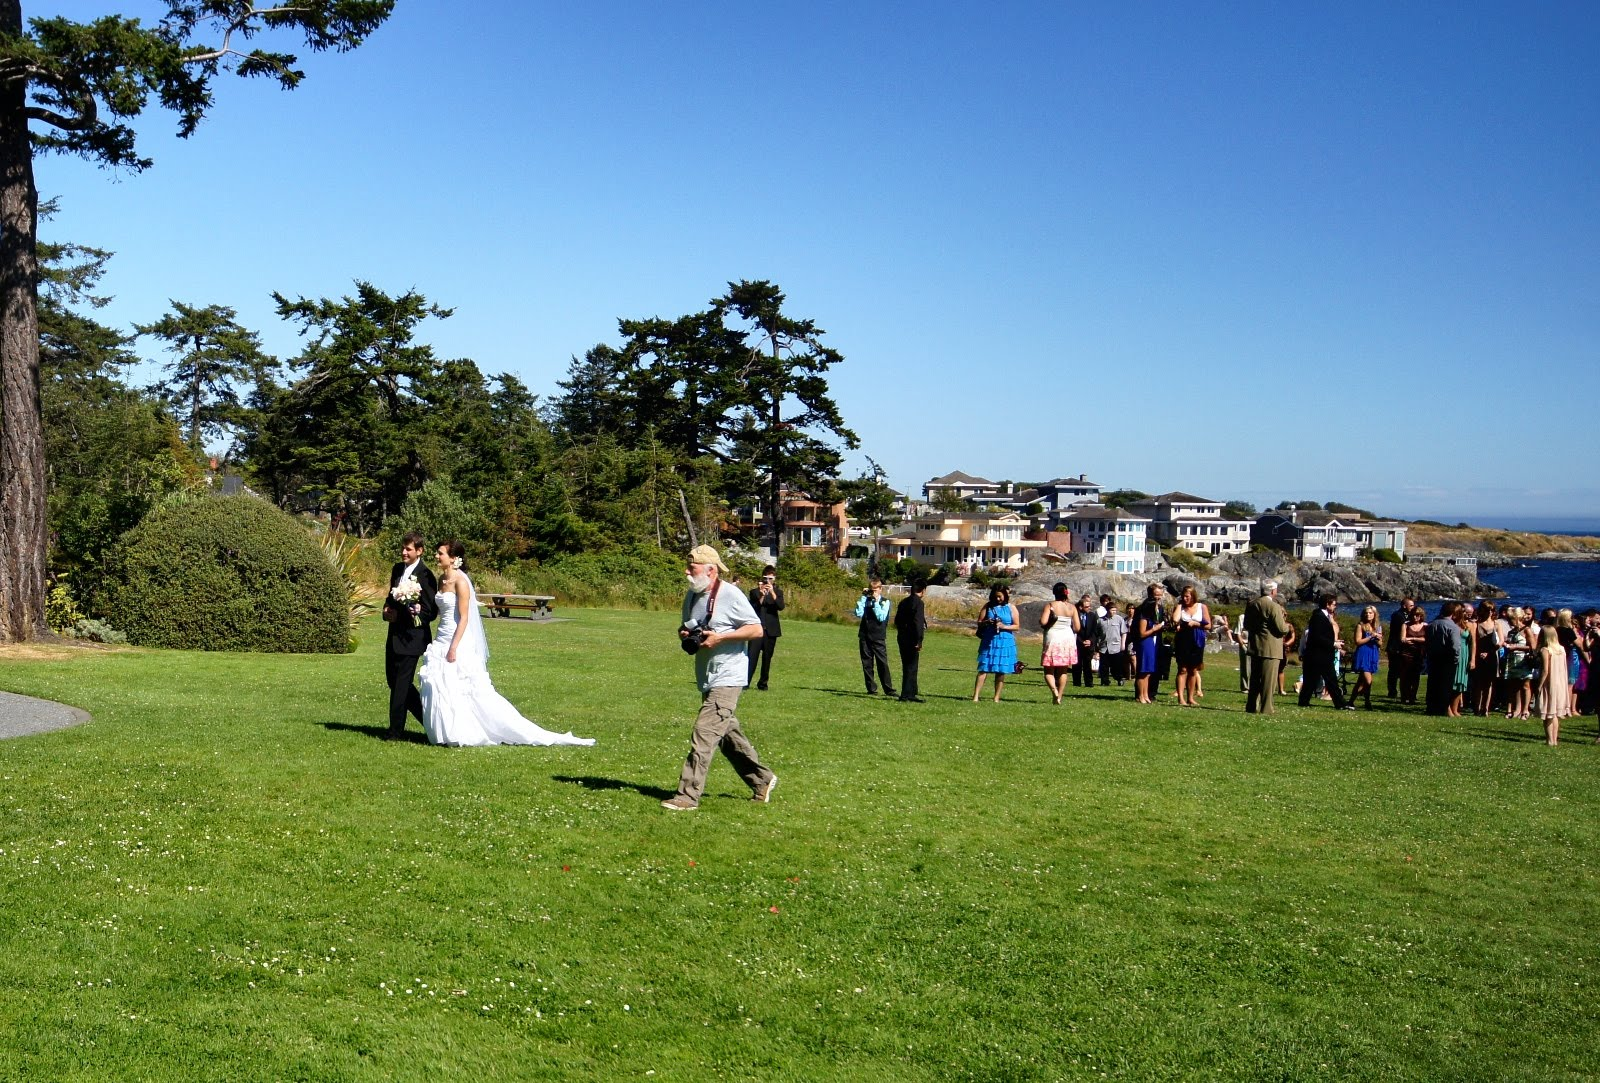 Saxe point park wedding venues